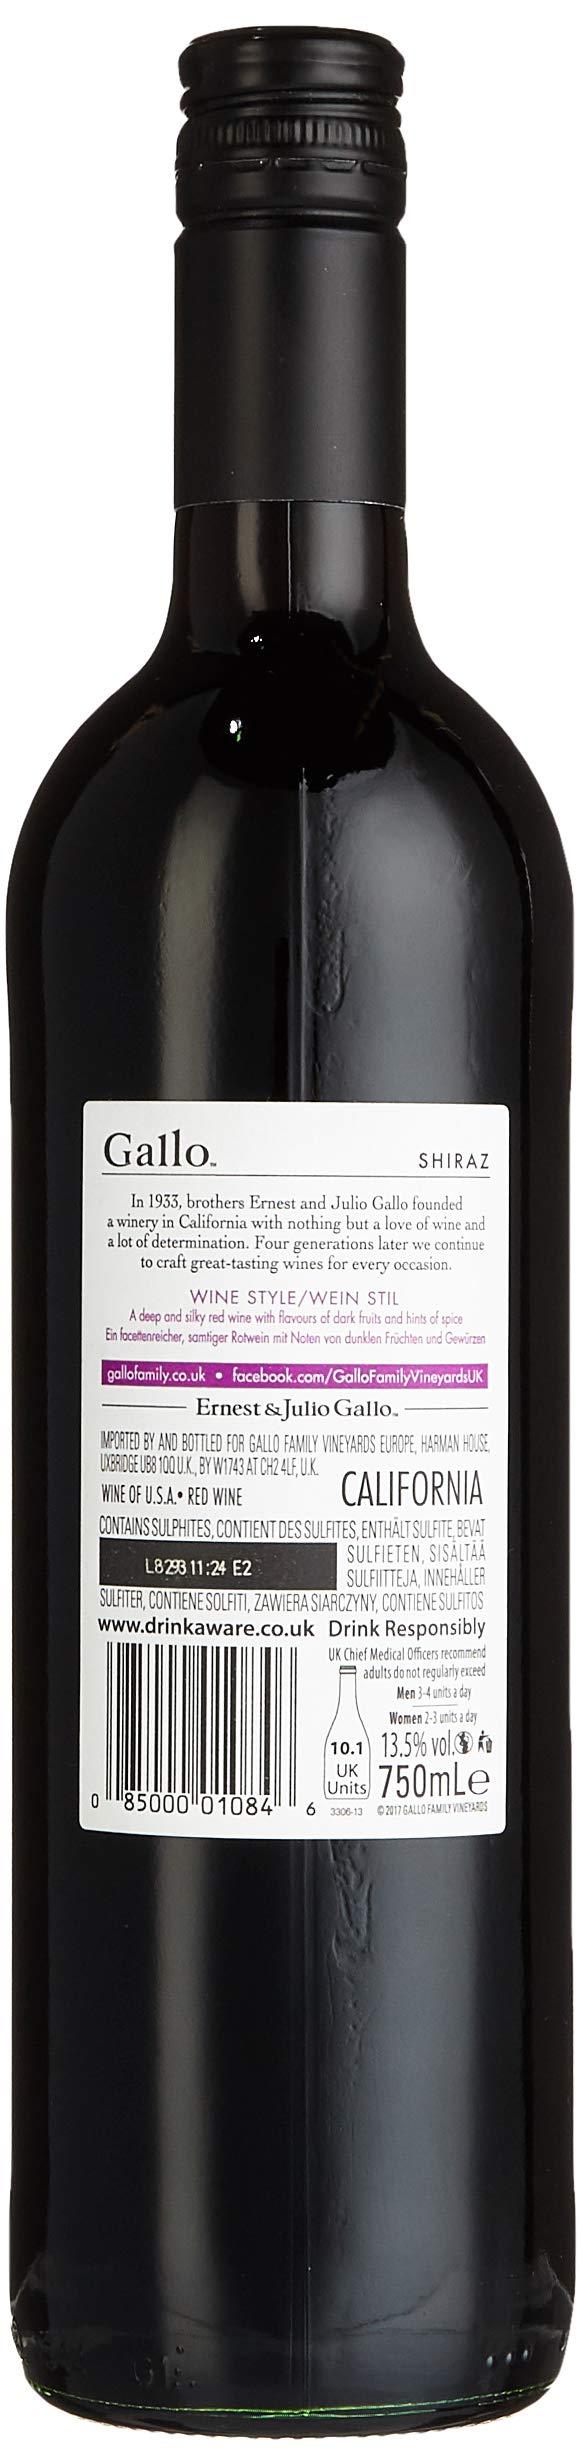 Gallo-Family-Vineyards-Shiraz-Ernest-und-Julio-2017-Trocken-6-x-075-l